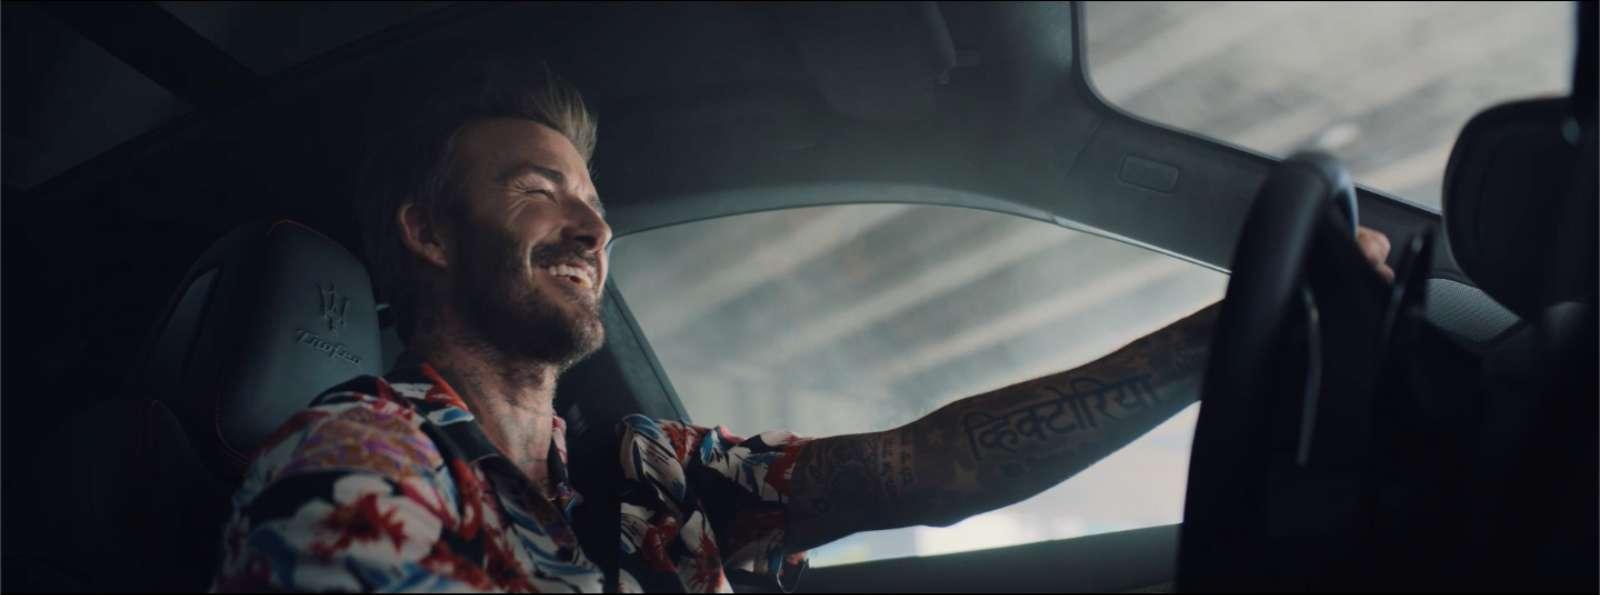 Maserati Việt Nam, David Beckham, đại sứ thương hiệu